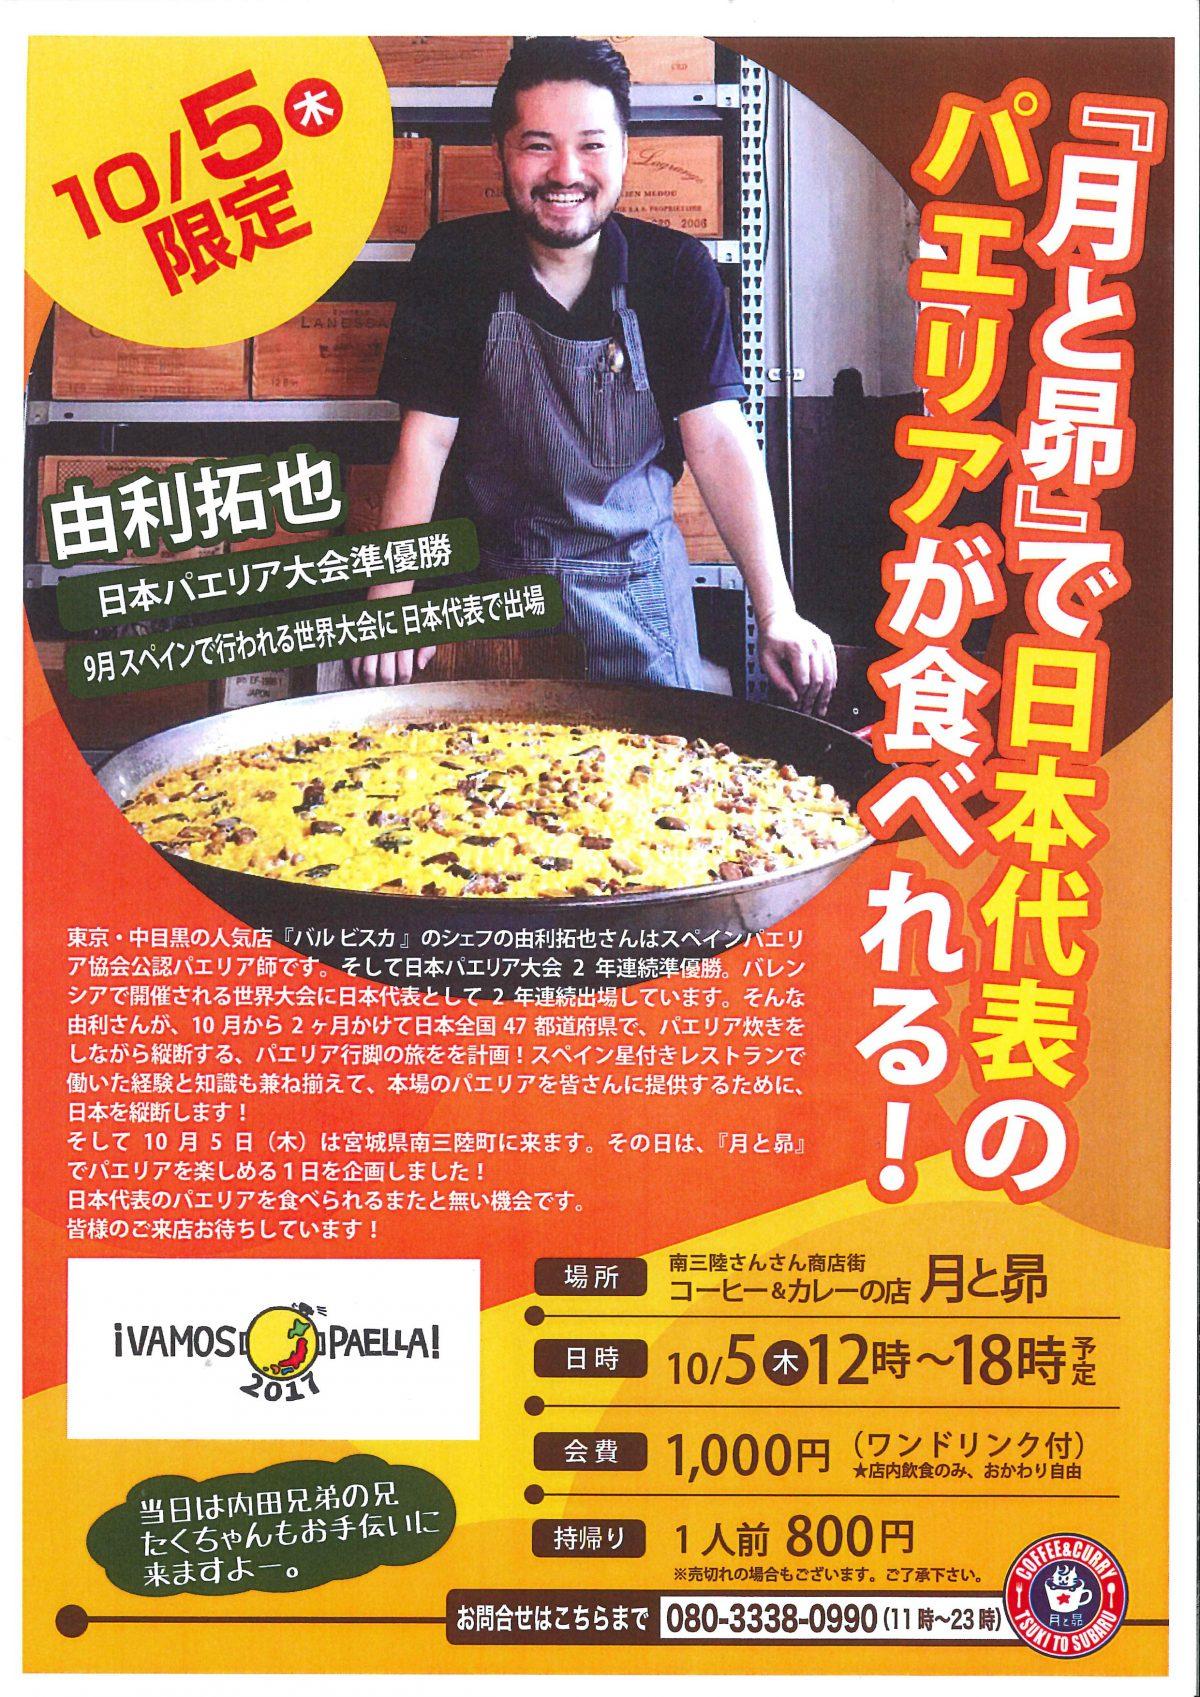 10月5日(木)限定!『月と昴』で日本代表のパエリアが食べられます!